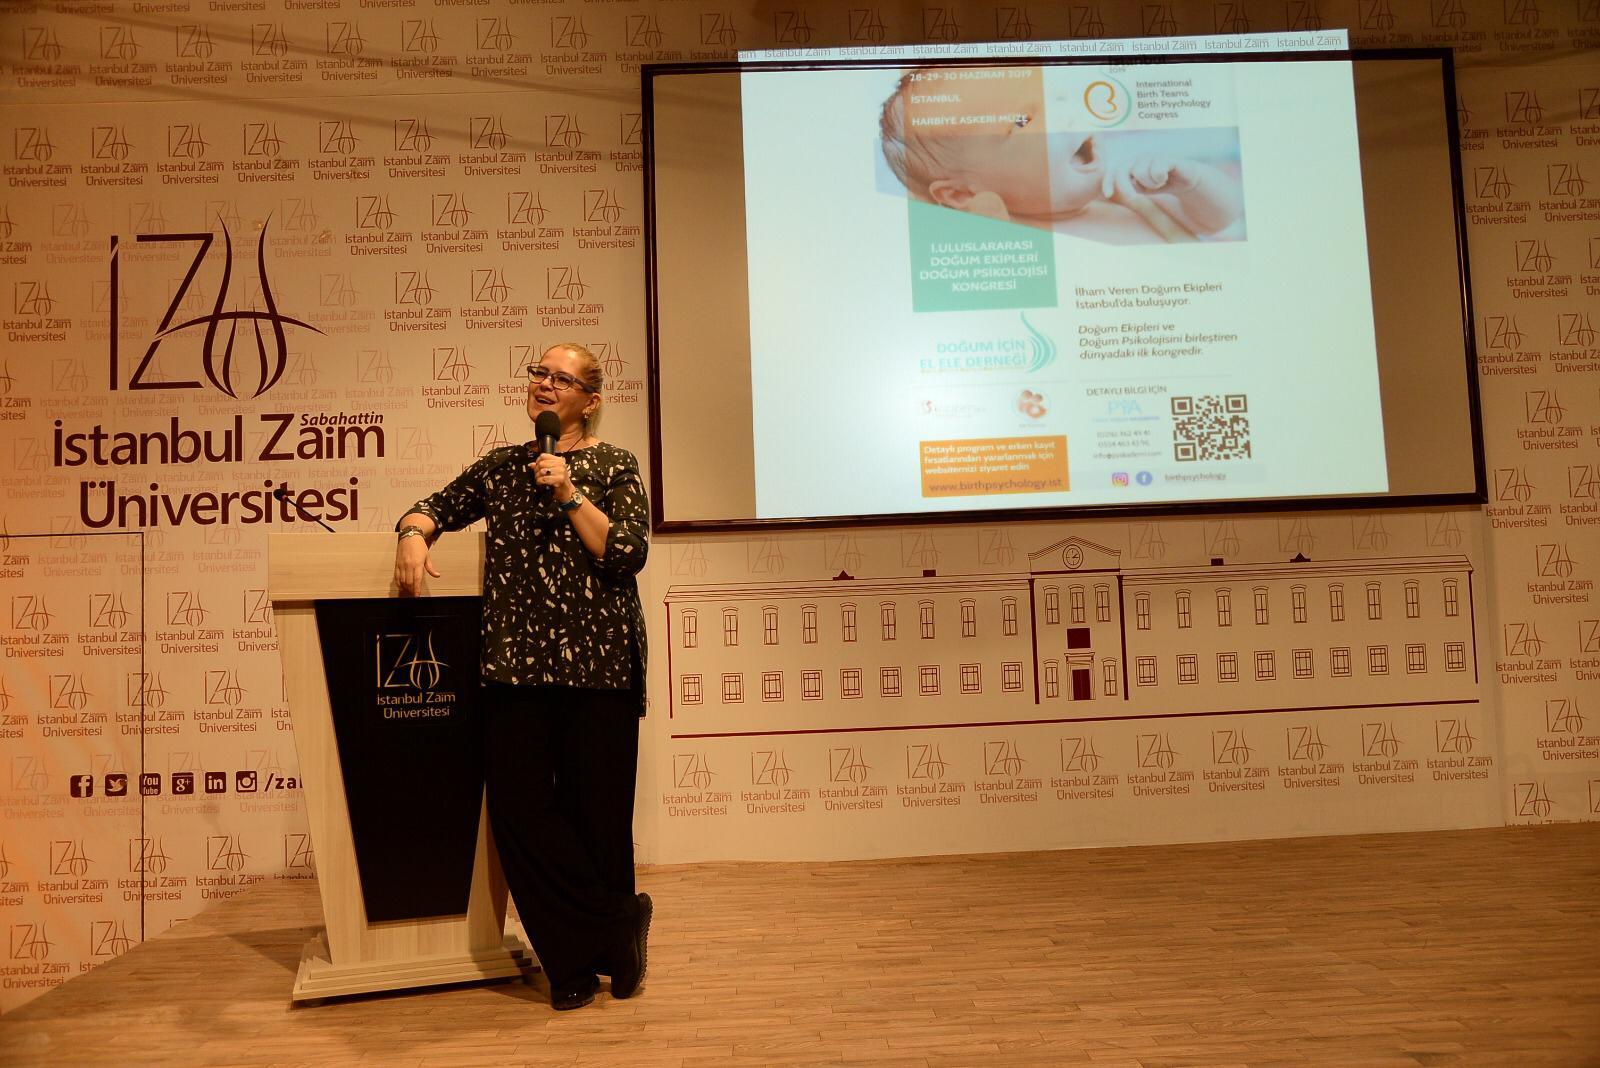 İstanbul Sabahattin  Zaim Üniversitesi Doğum Psikolojisi Konferansı